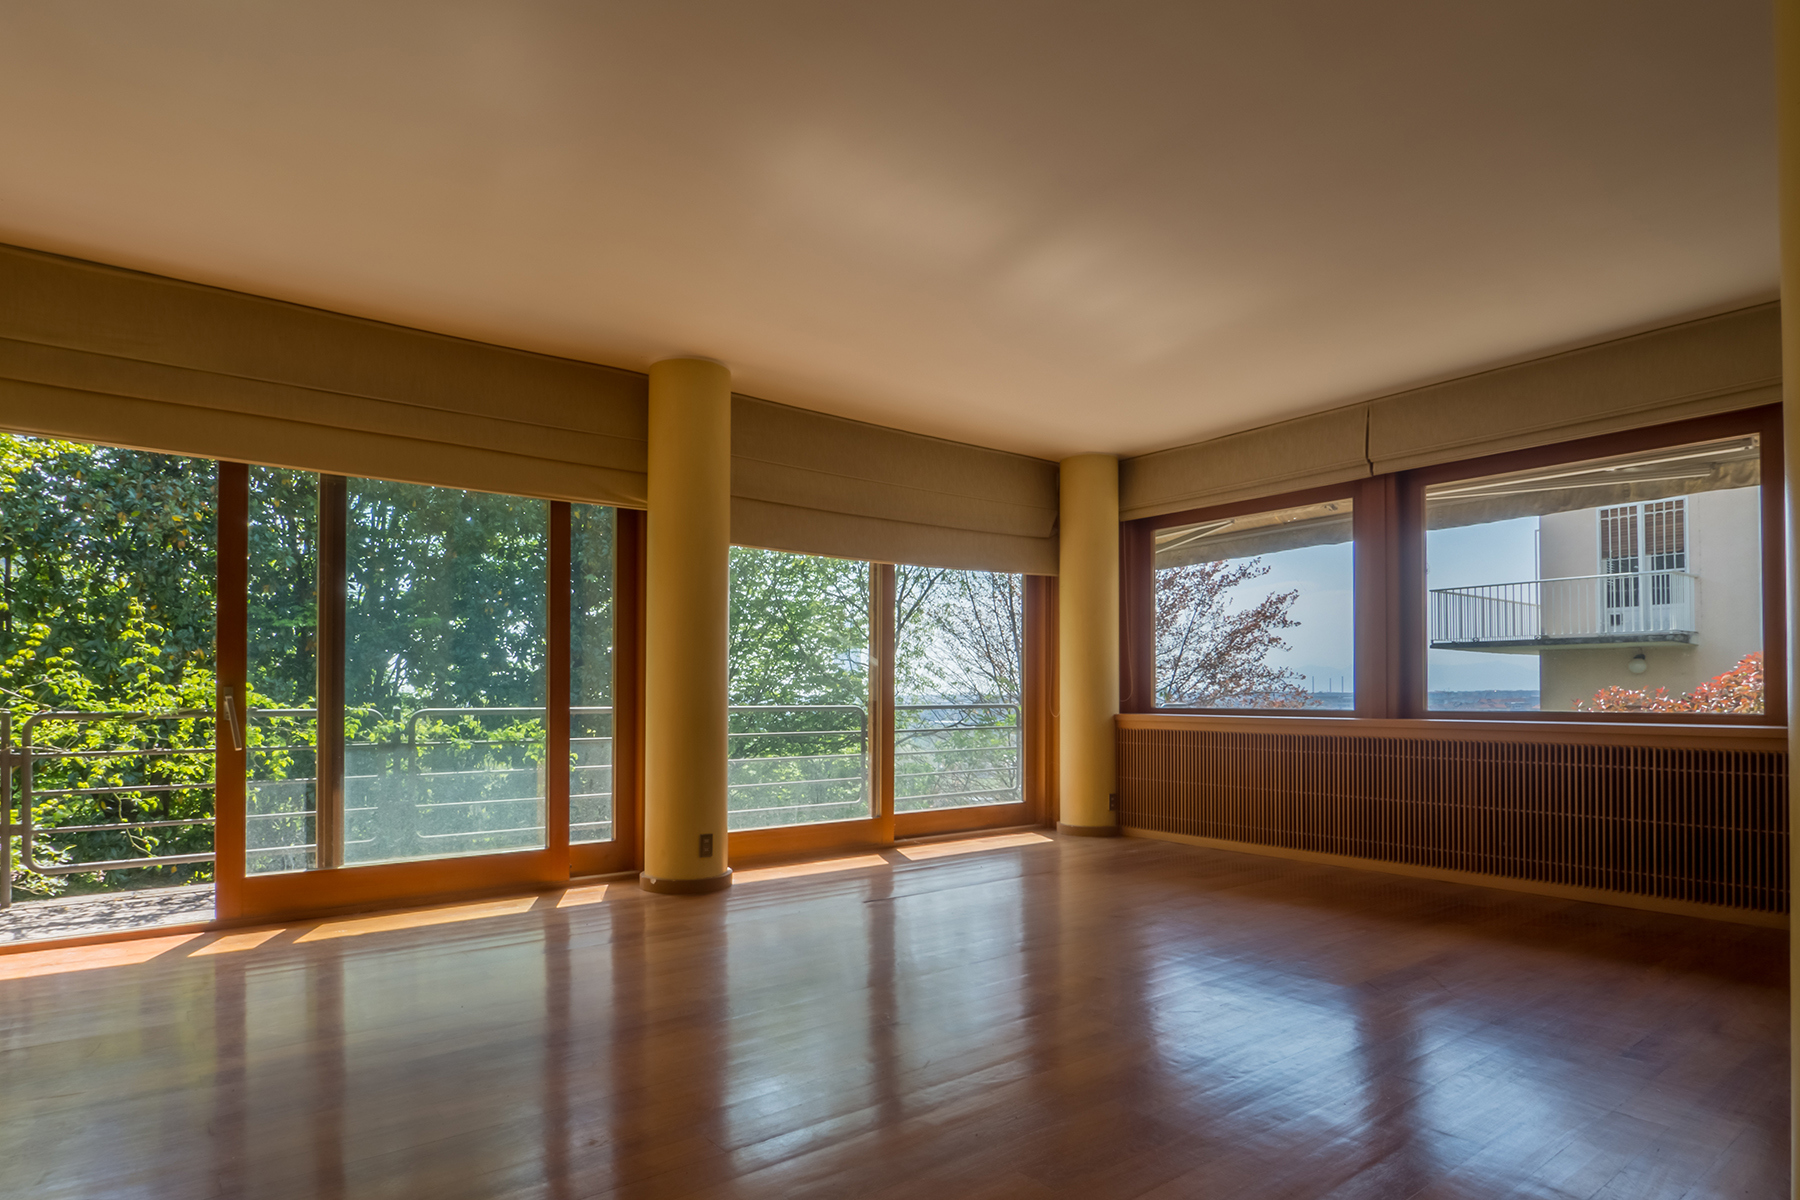 Villa in Vendita a Torino: 5 locali, 560 mq - Foto 6